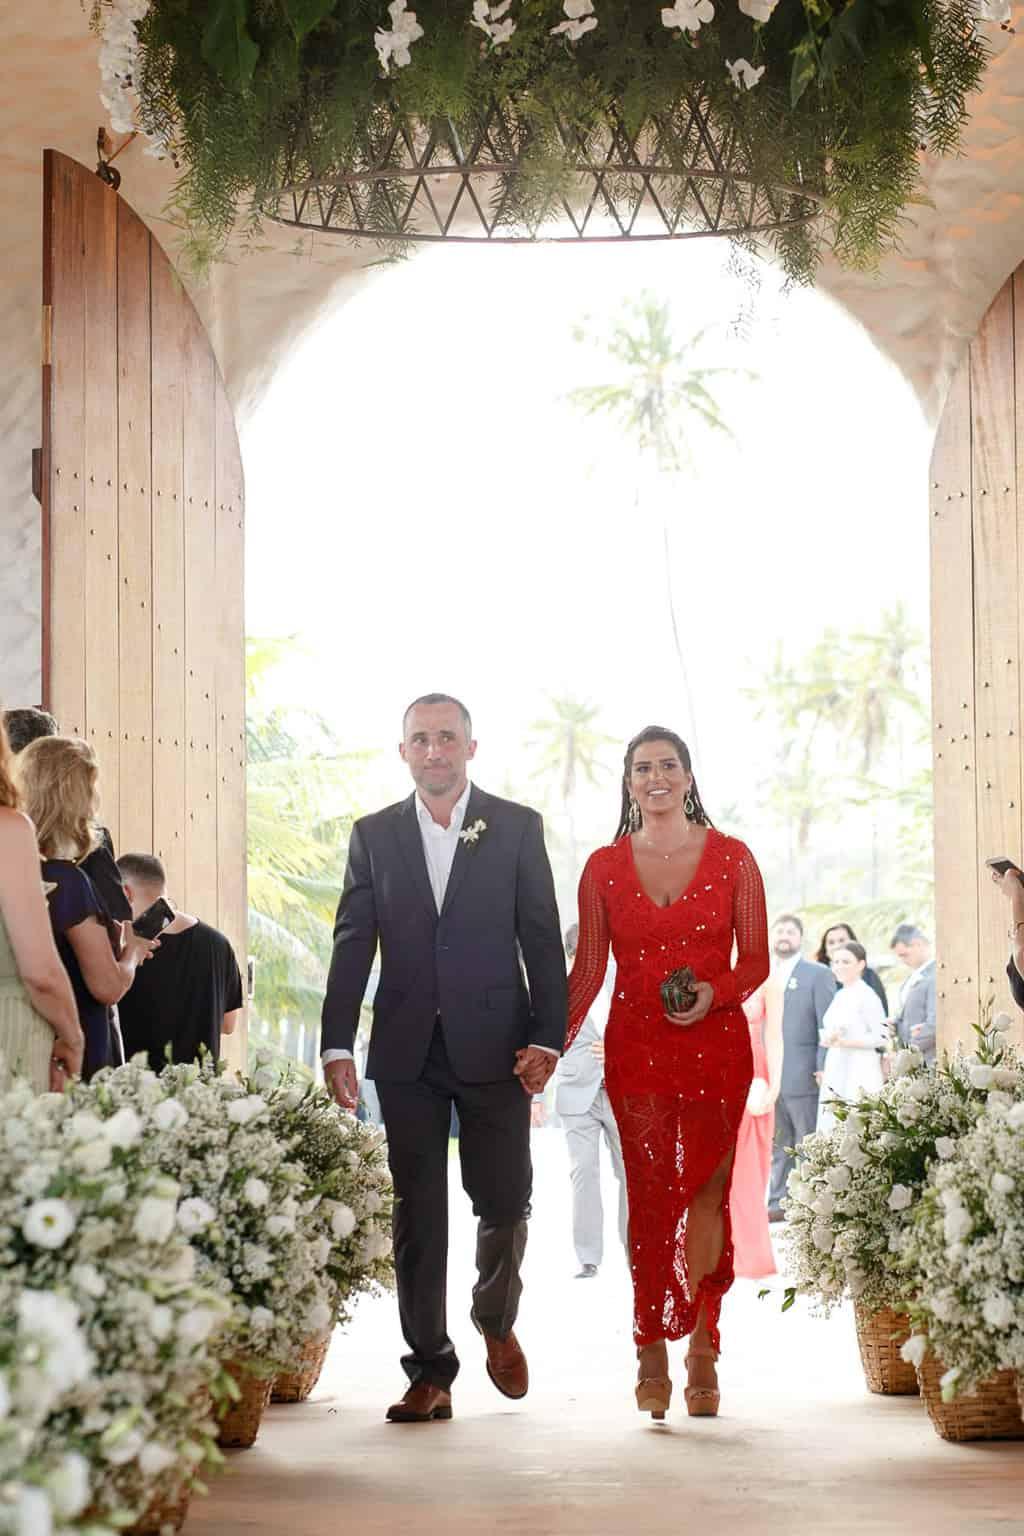 AL-Aline-e-Mauricio-capela-dos-milagres-casamento-casamento-na-praia-cortejo-madrinhas-padrinhos59